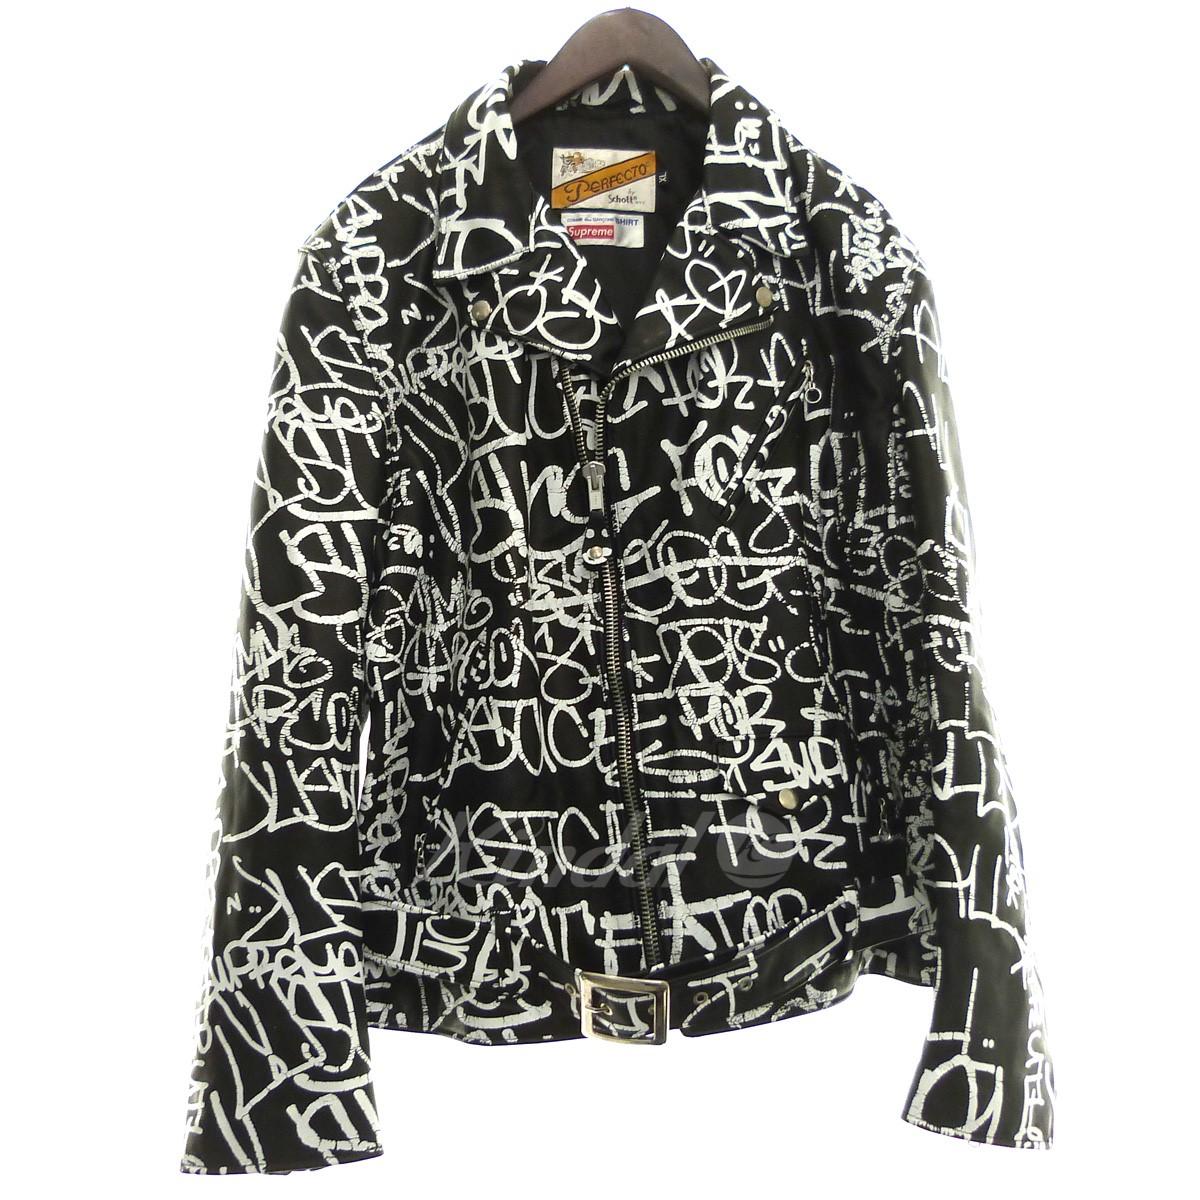 【中古】Supreme×COMME des GARCONS SHIRT×Schott 18AW「Painted Perfecto Leather Jacket」ペイントダブルライダース ブラック サイズ:XL 【120320】(シュプリーム コムデギャルソンシャツ ショット)